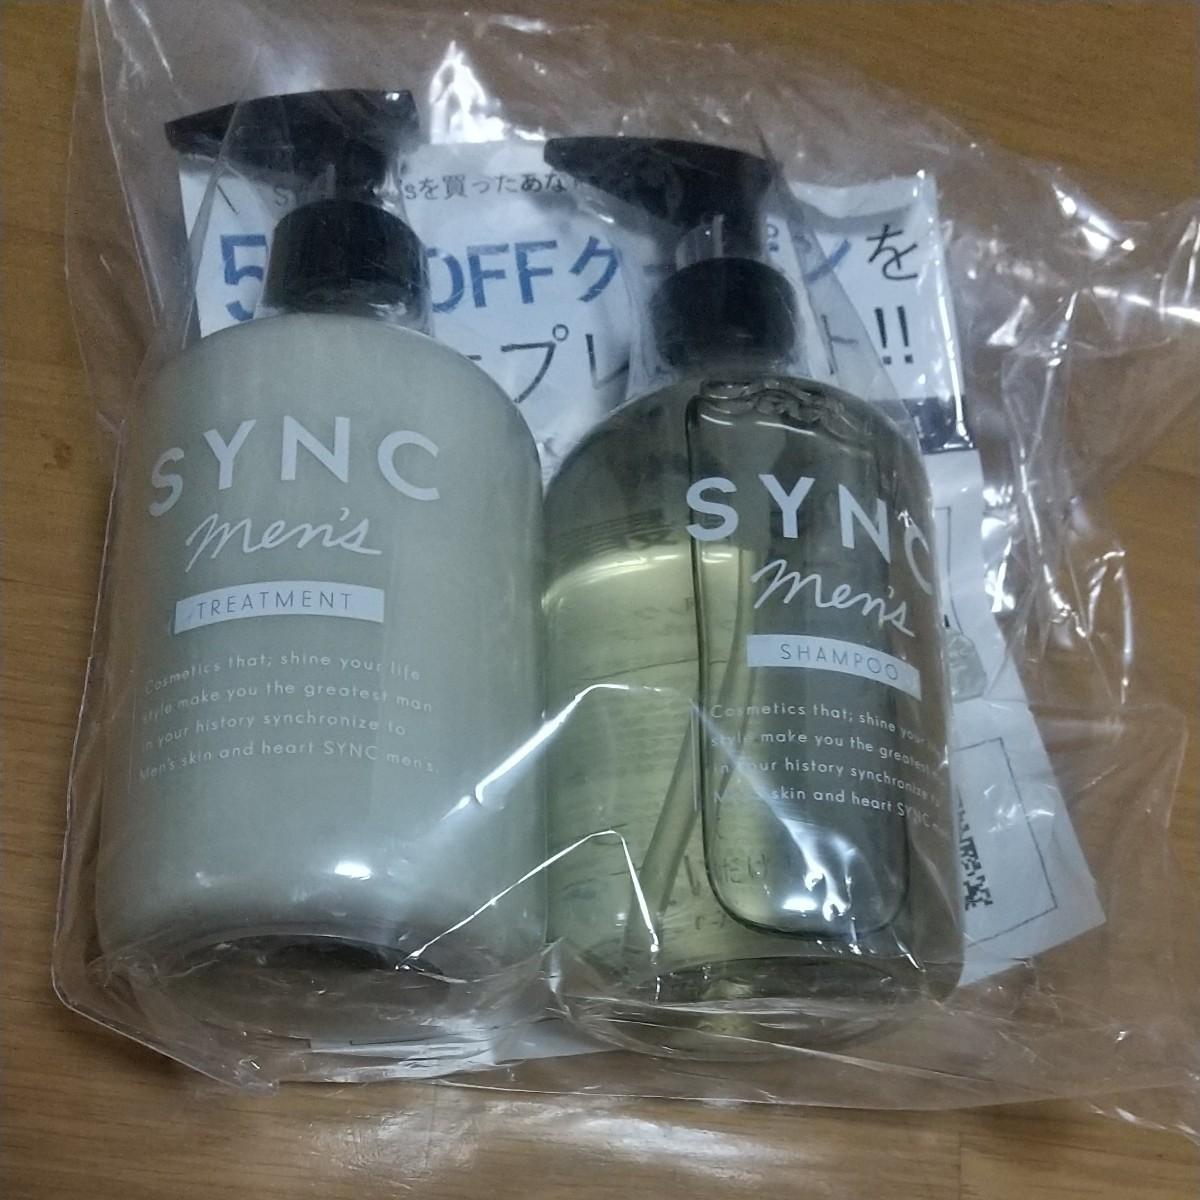 【新品未開封】SYNC men's(シンク メンズ)シャンプー & トリートメント